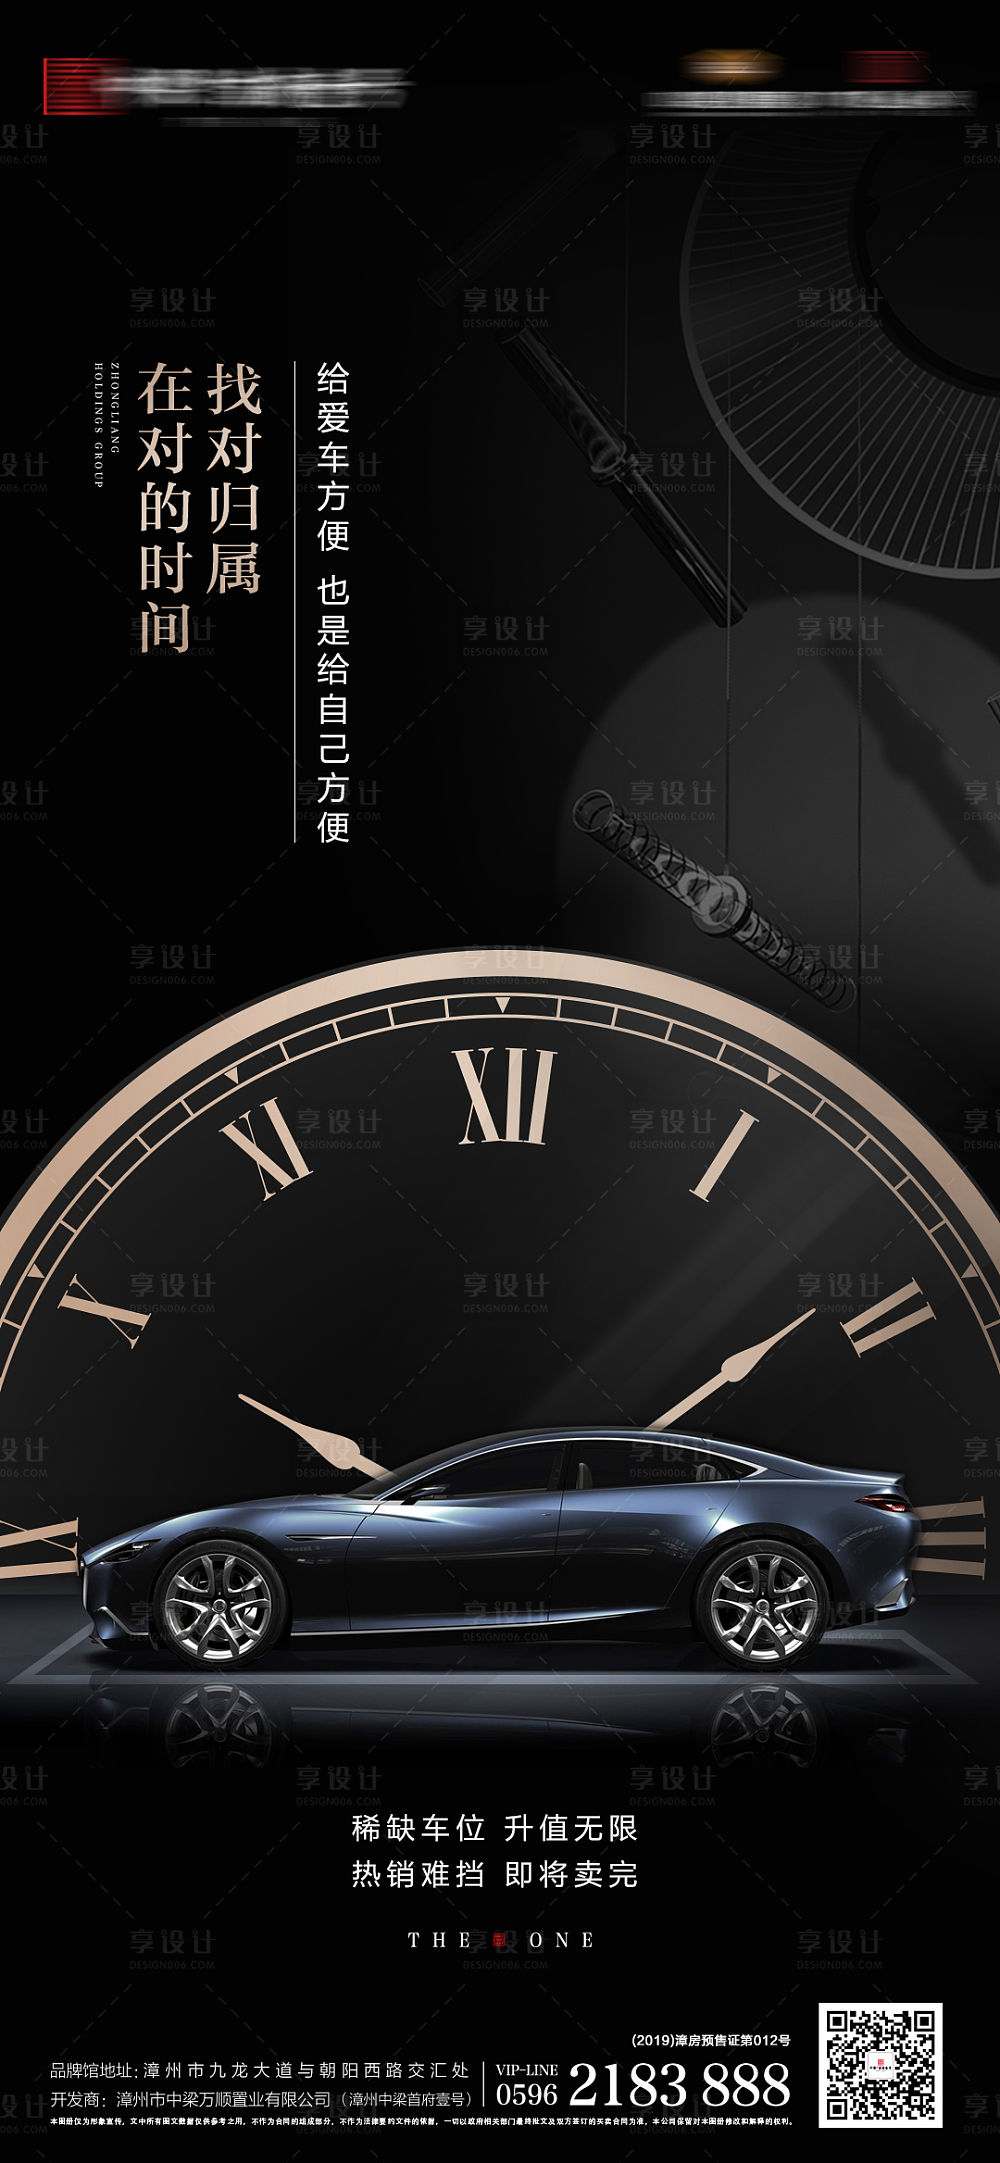 【源文件下载】 海报 房地产 车位 汽车 黑金 创意 时钟 时间